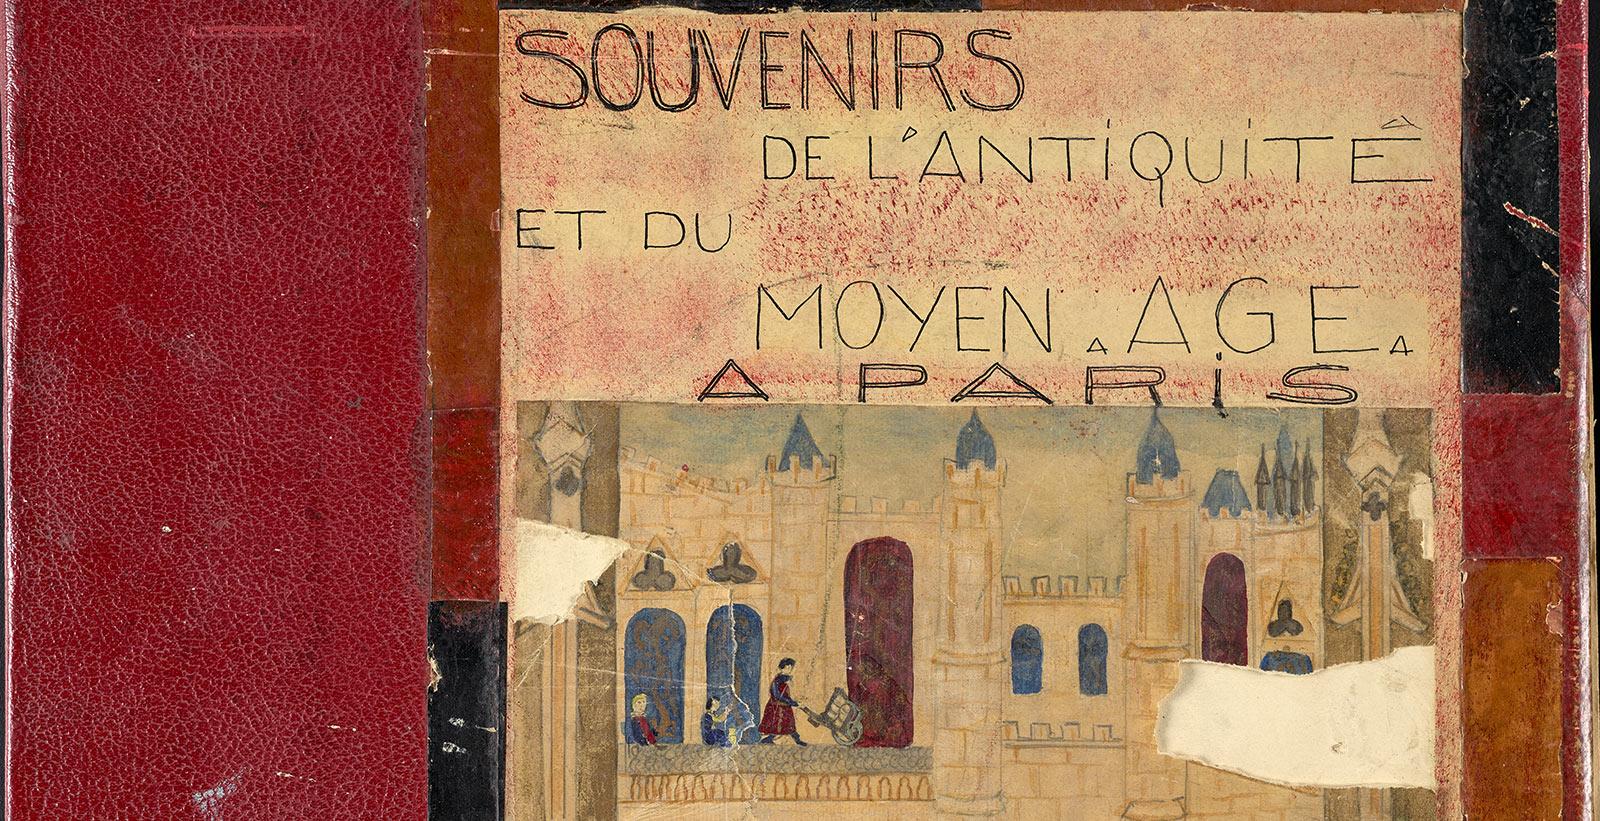 Souvenirs de l'antiquite et du Moyen Age Paris